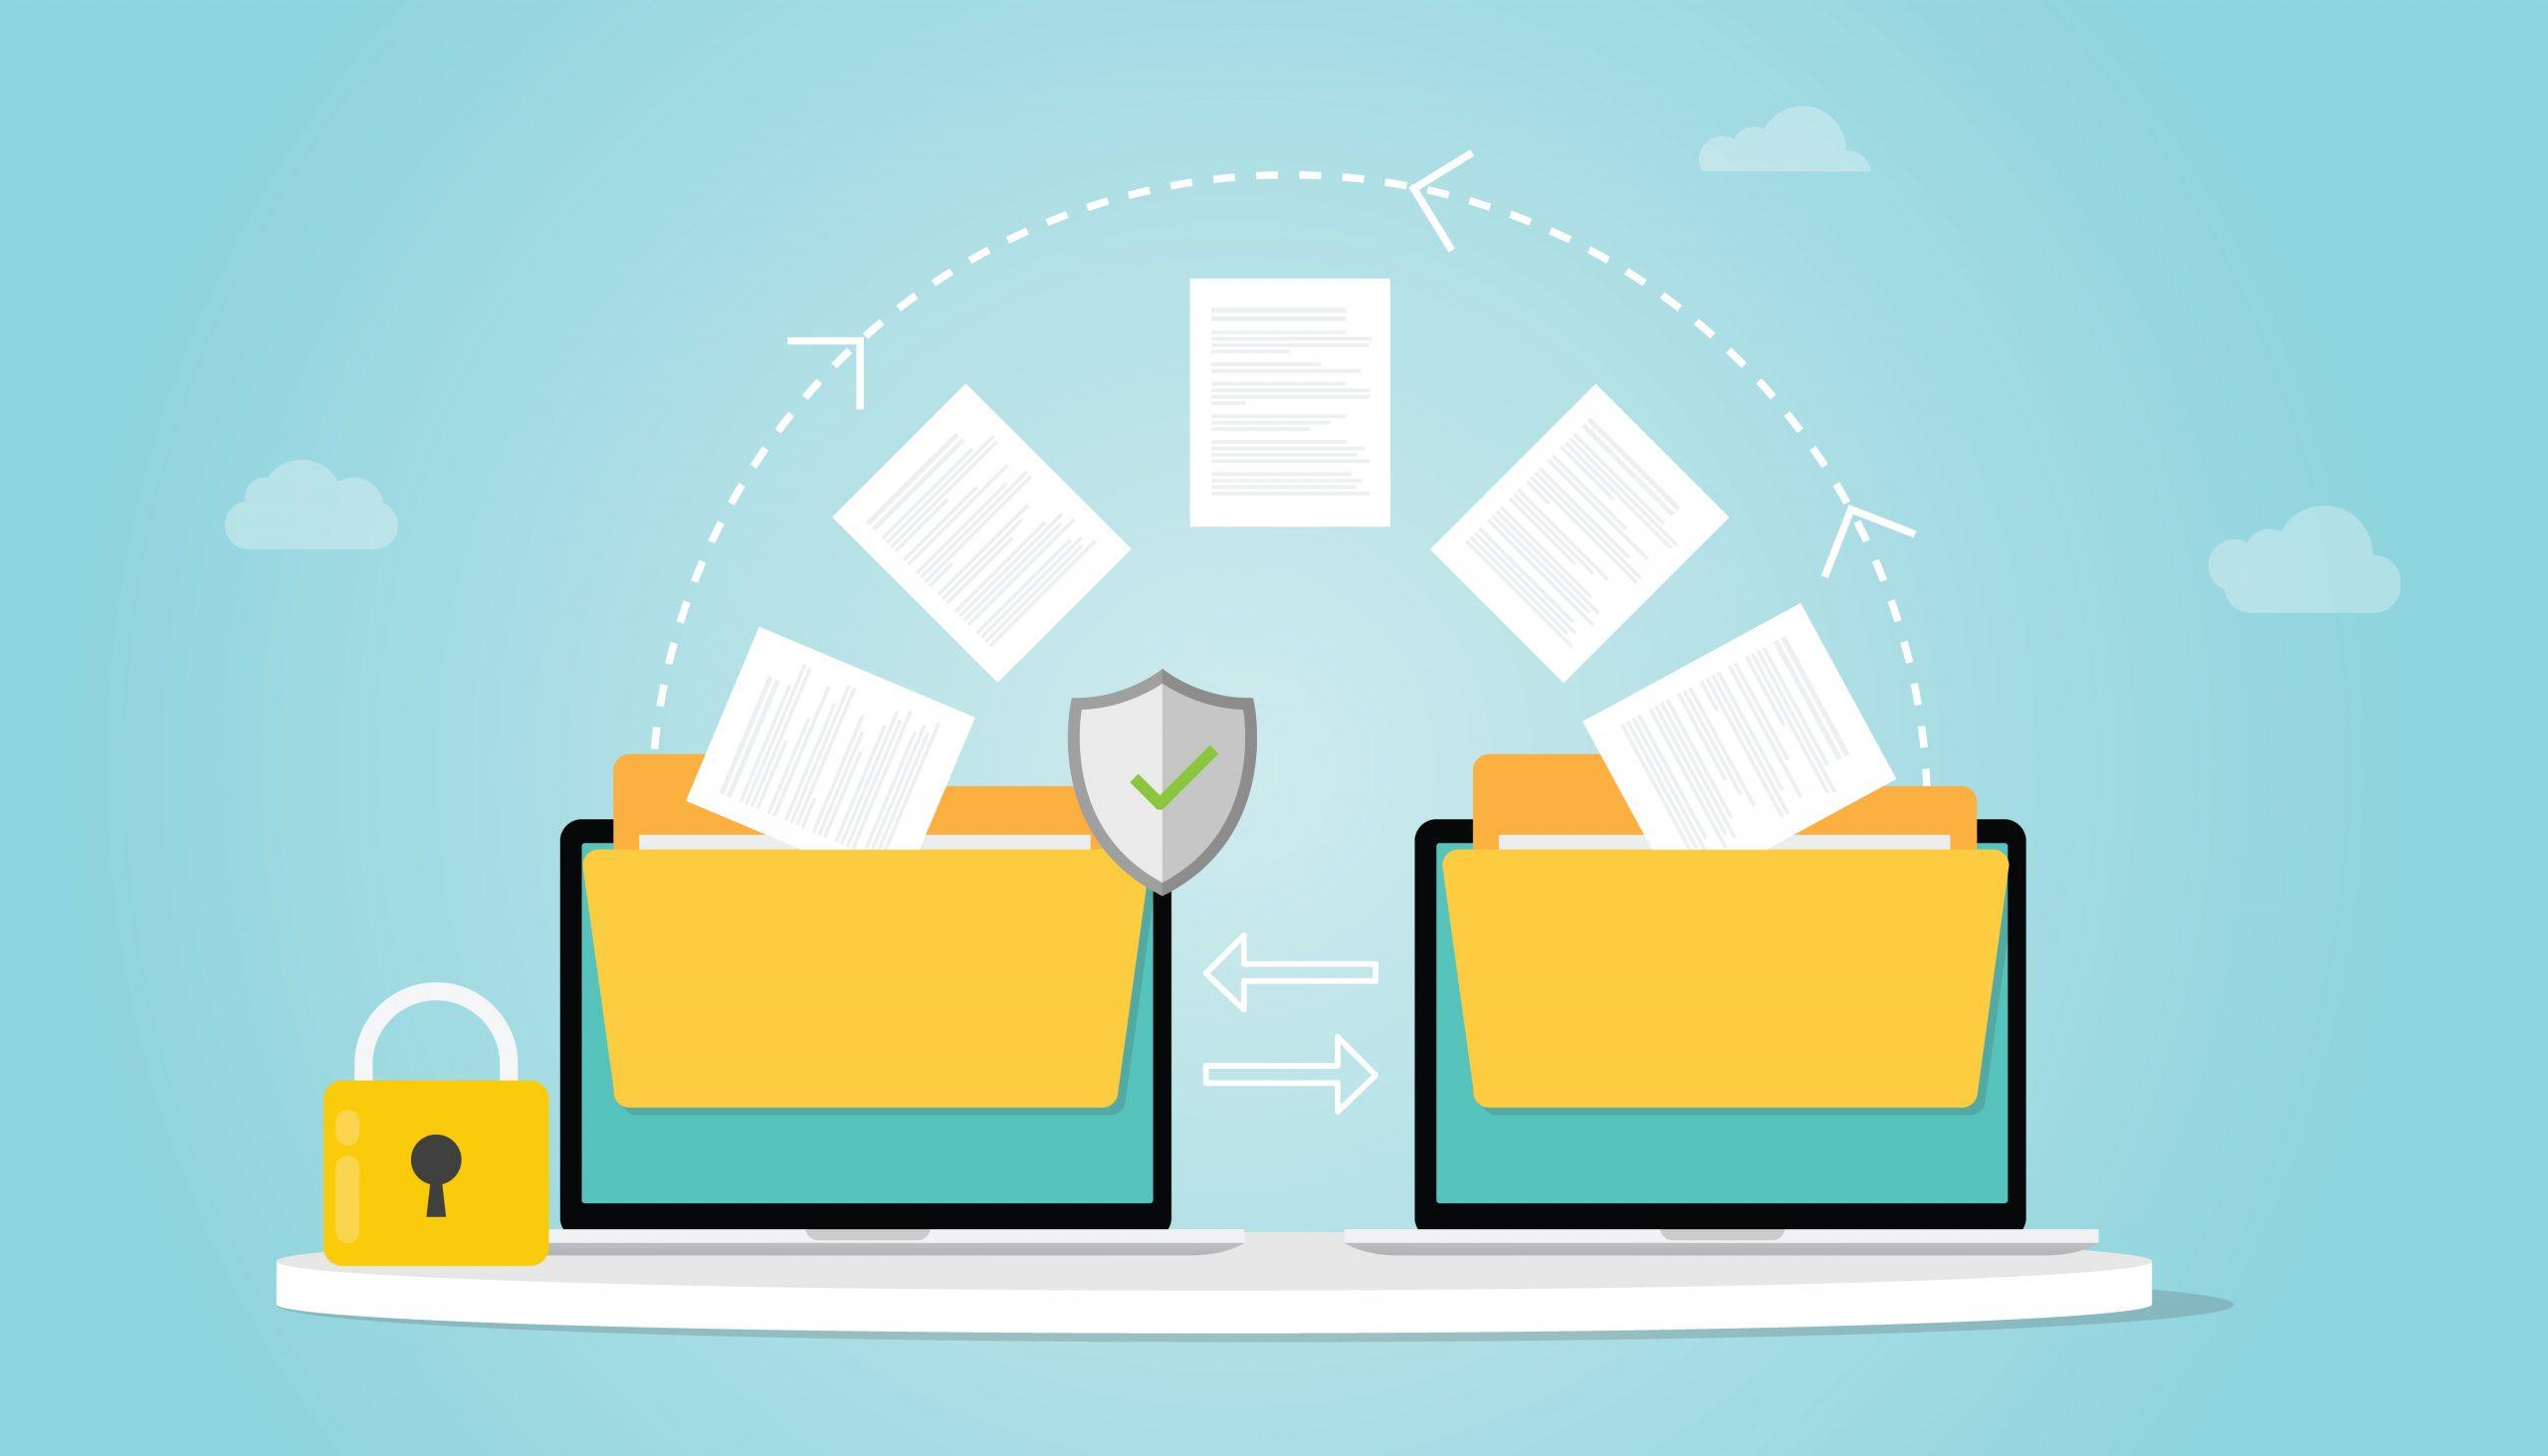 Secure File Share - Fognigma